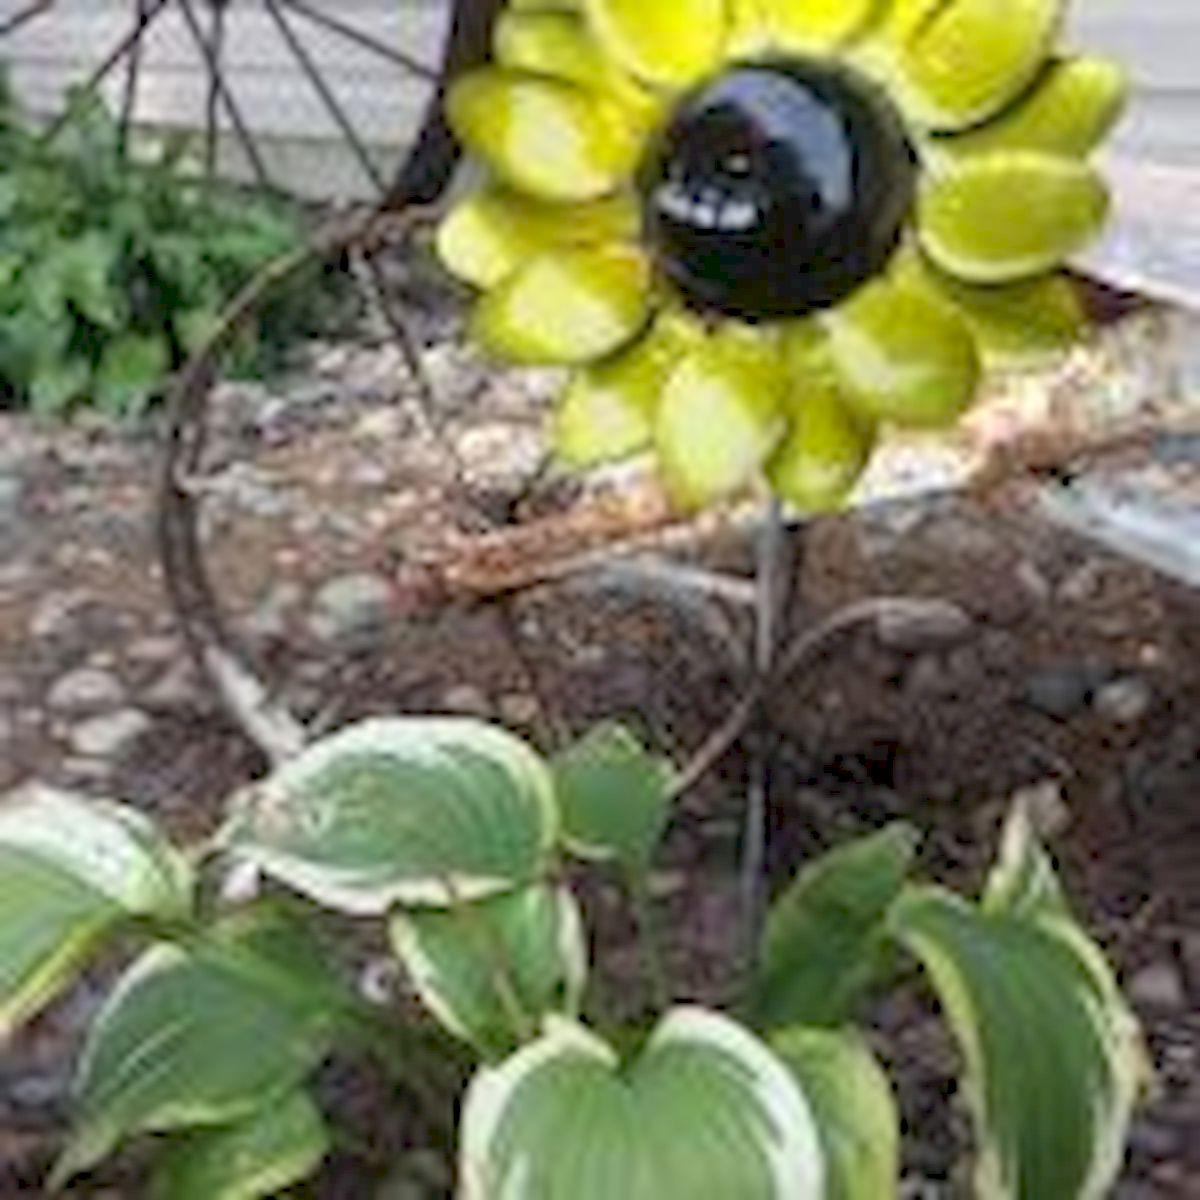 60 Creative DIY Garden Art From Junk Design Ideas (31)